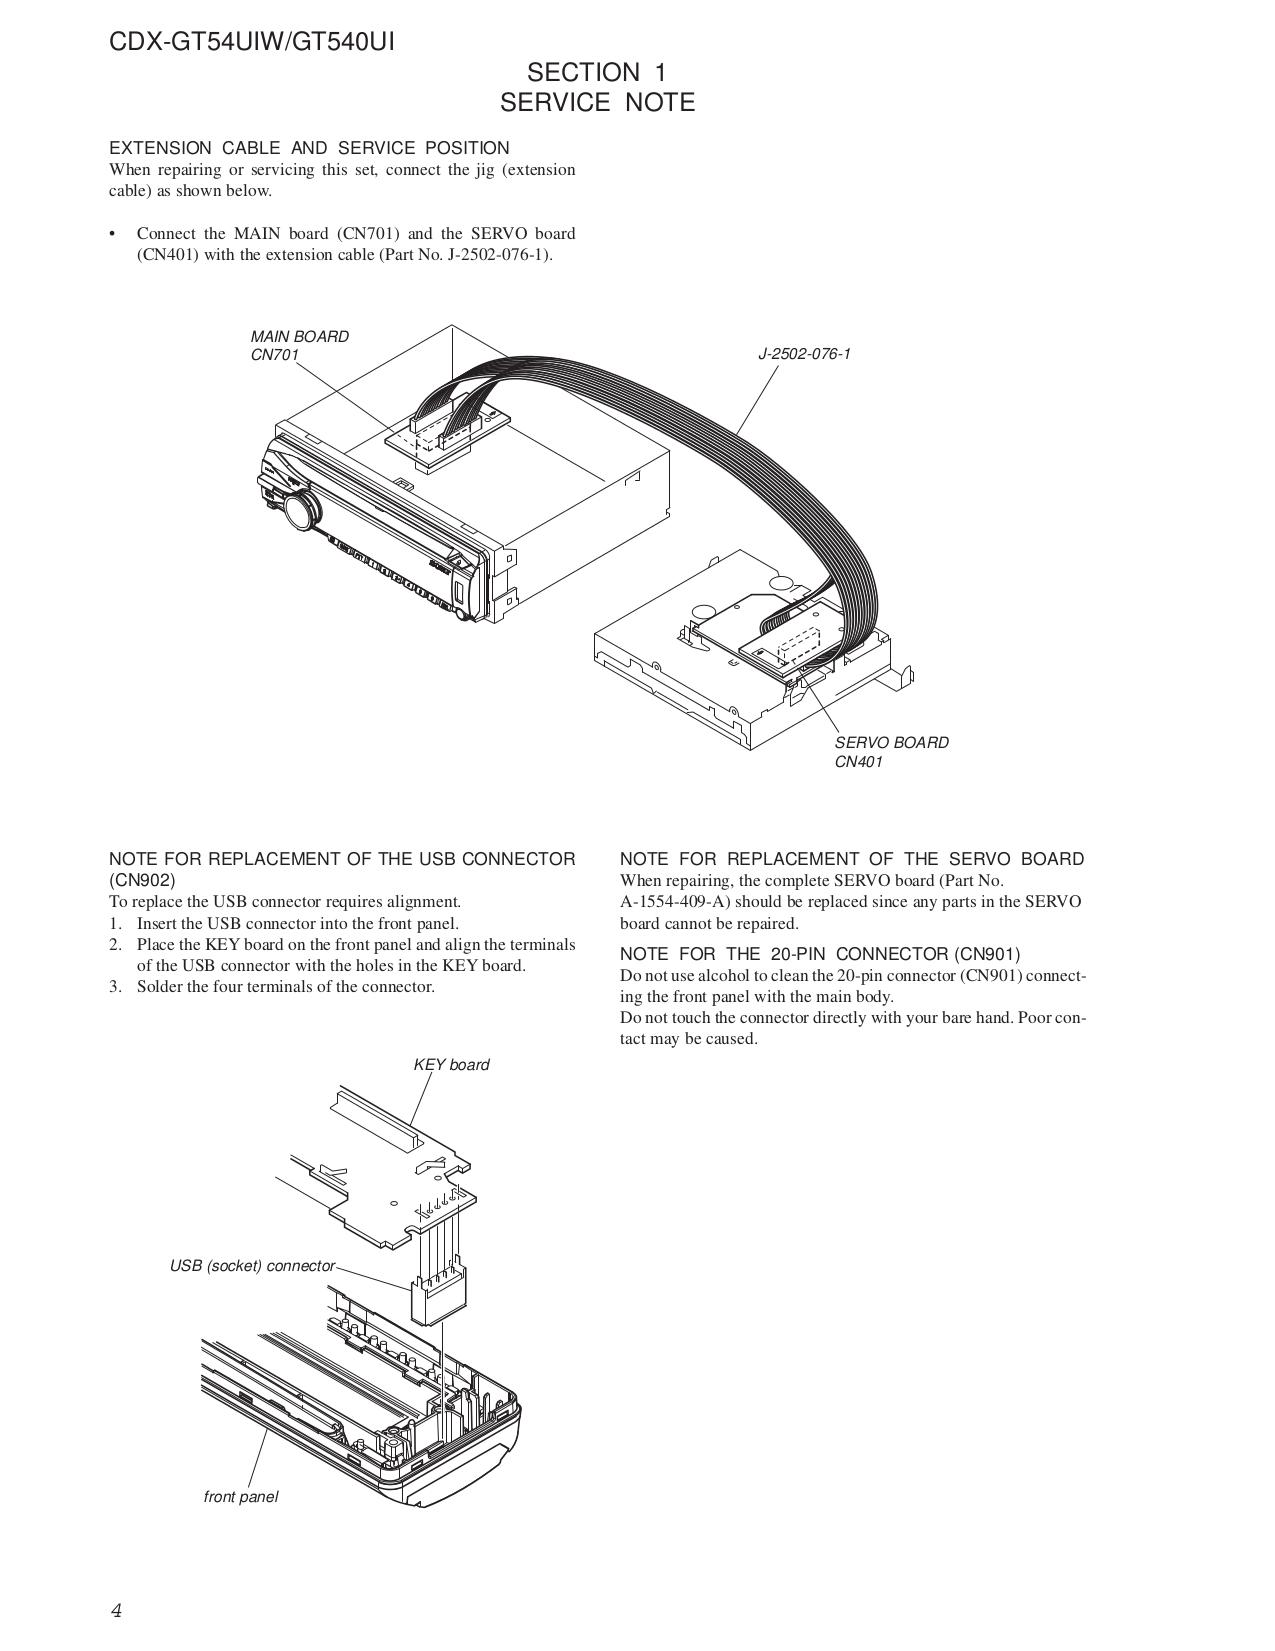 Ausgezeichnet Cdx Gt540ui Schaltplan Ideen - Der Schaltplan - greigo.com